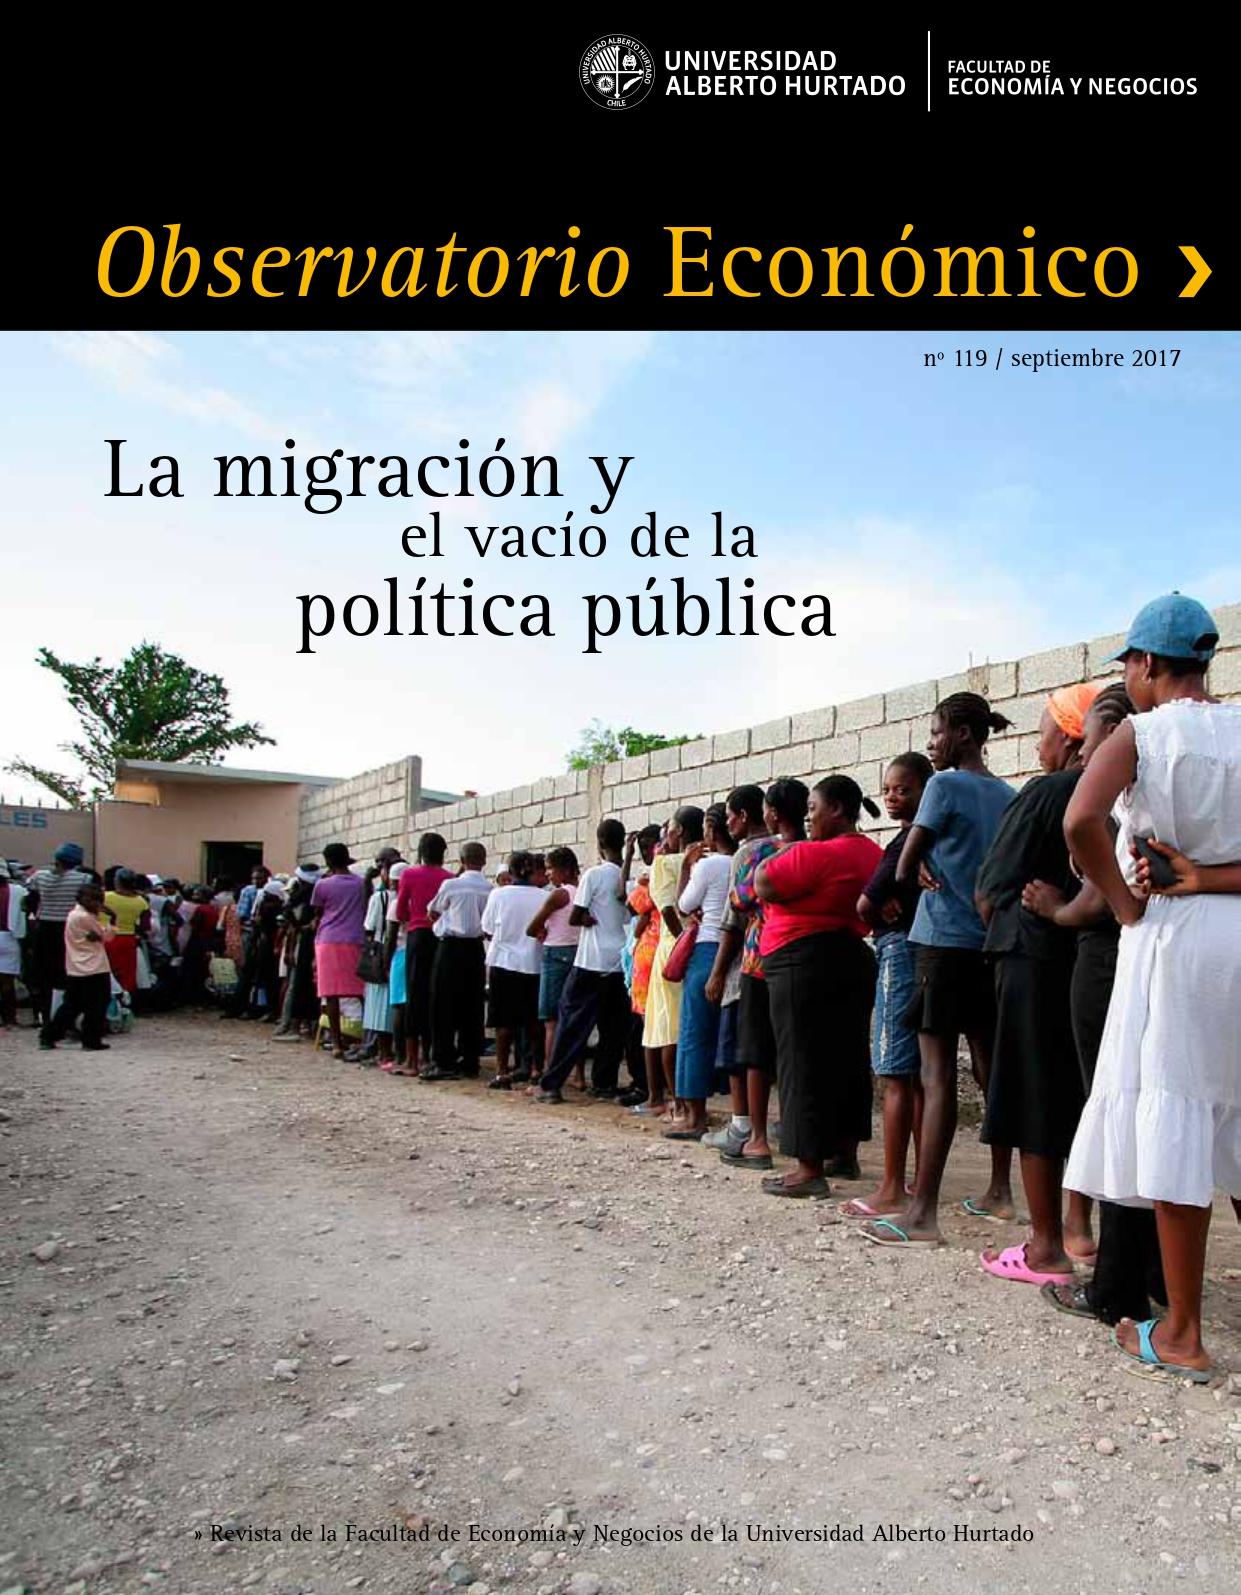 """Título del número de la revista : """"La migración y el vacío de la política pública"""""""